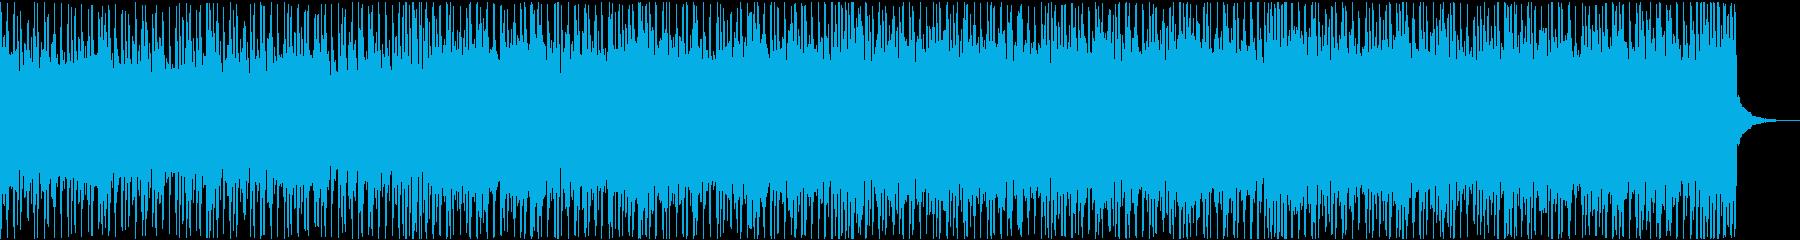 ガレージ シンセロック 入場 軽快の再生済みの波形